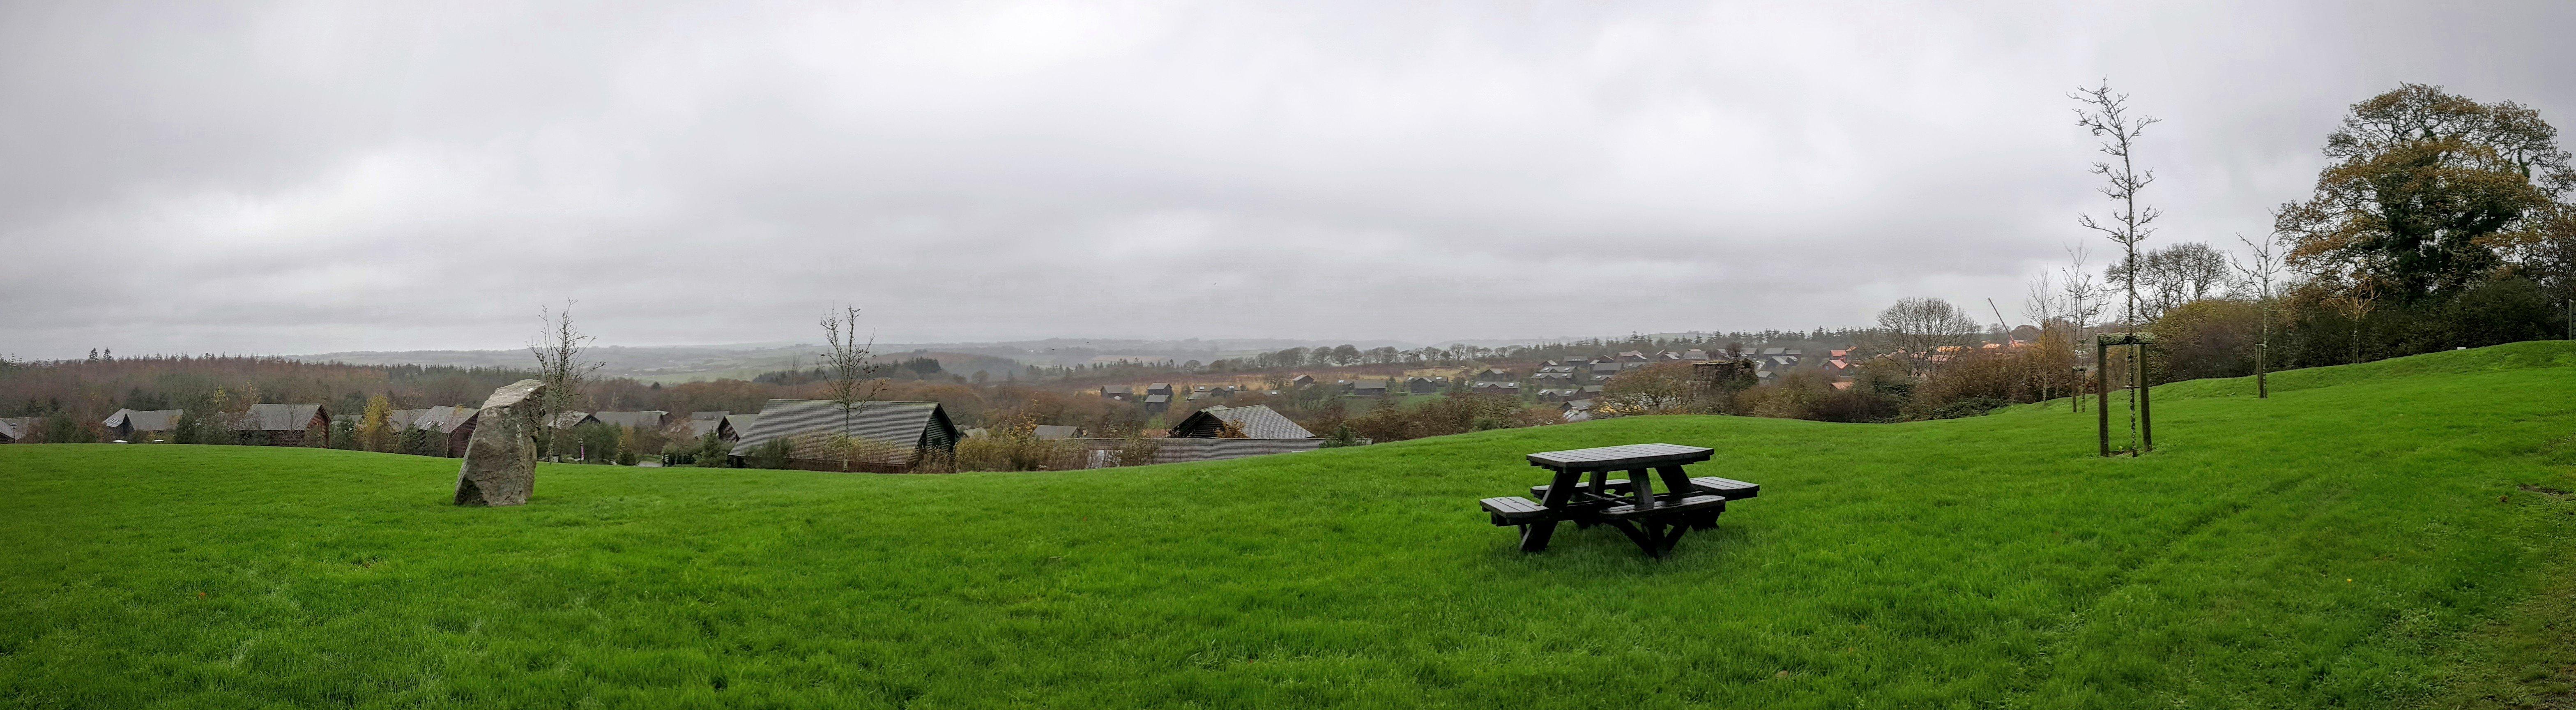 A view across Bluestone